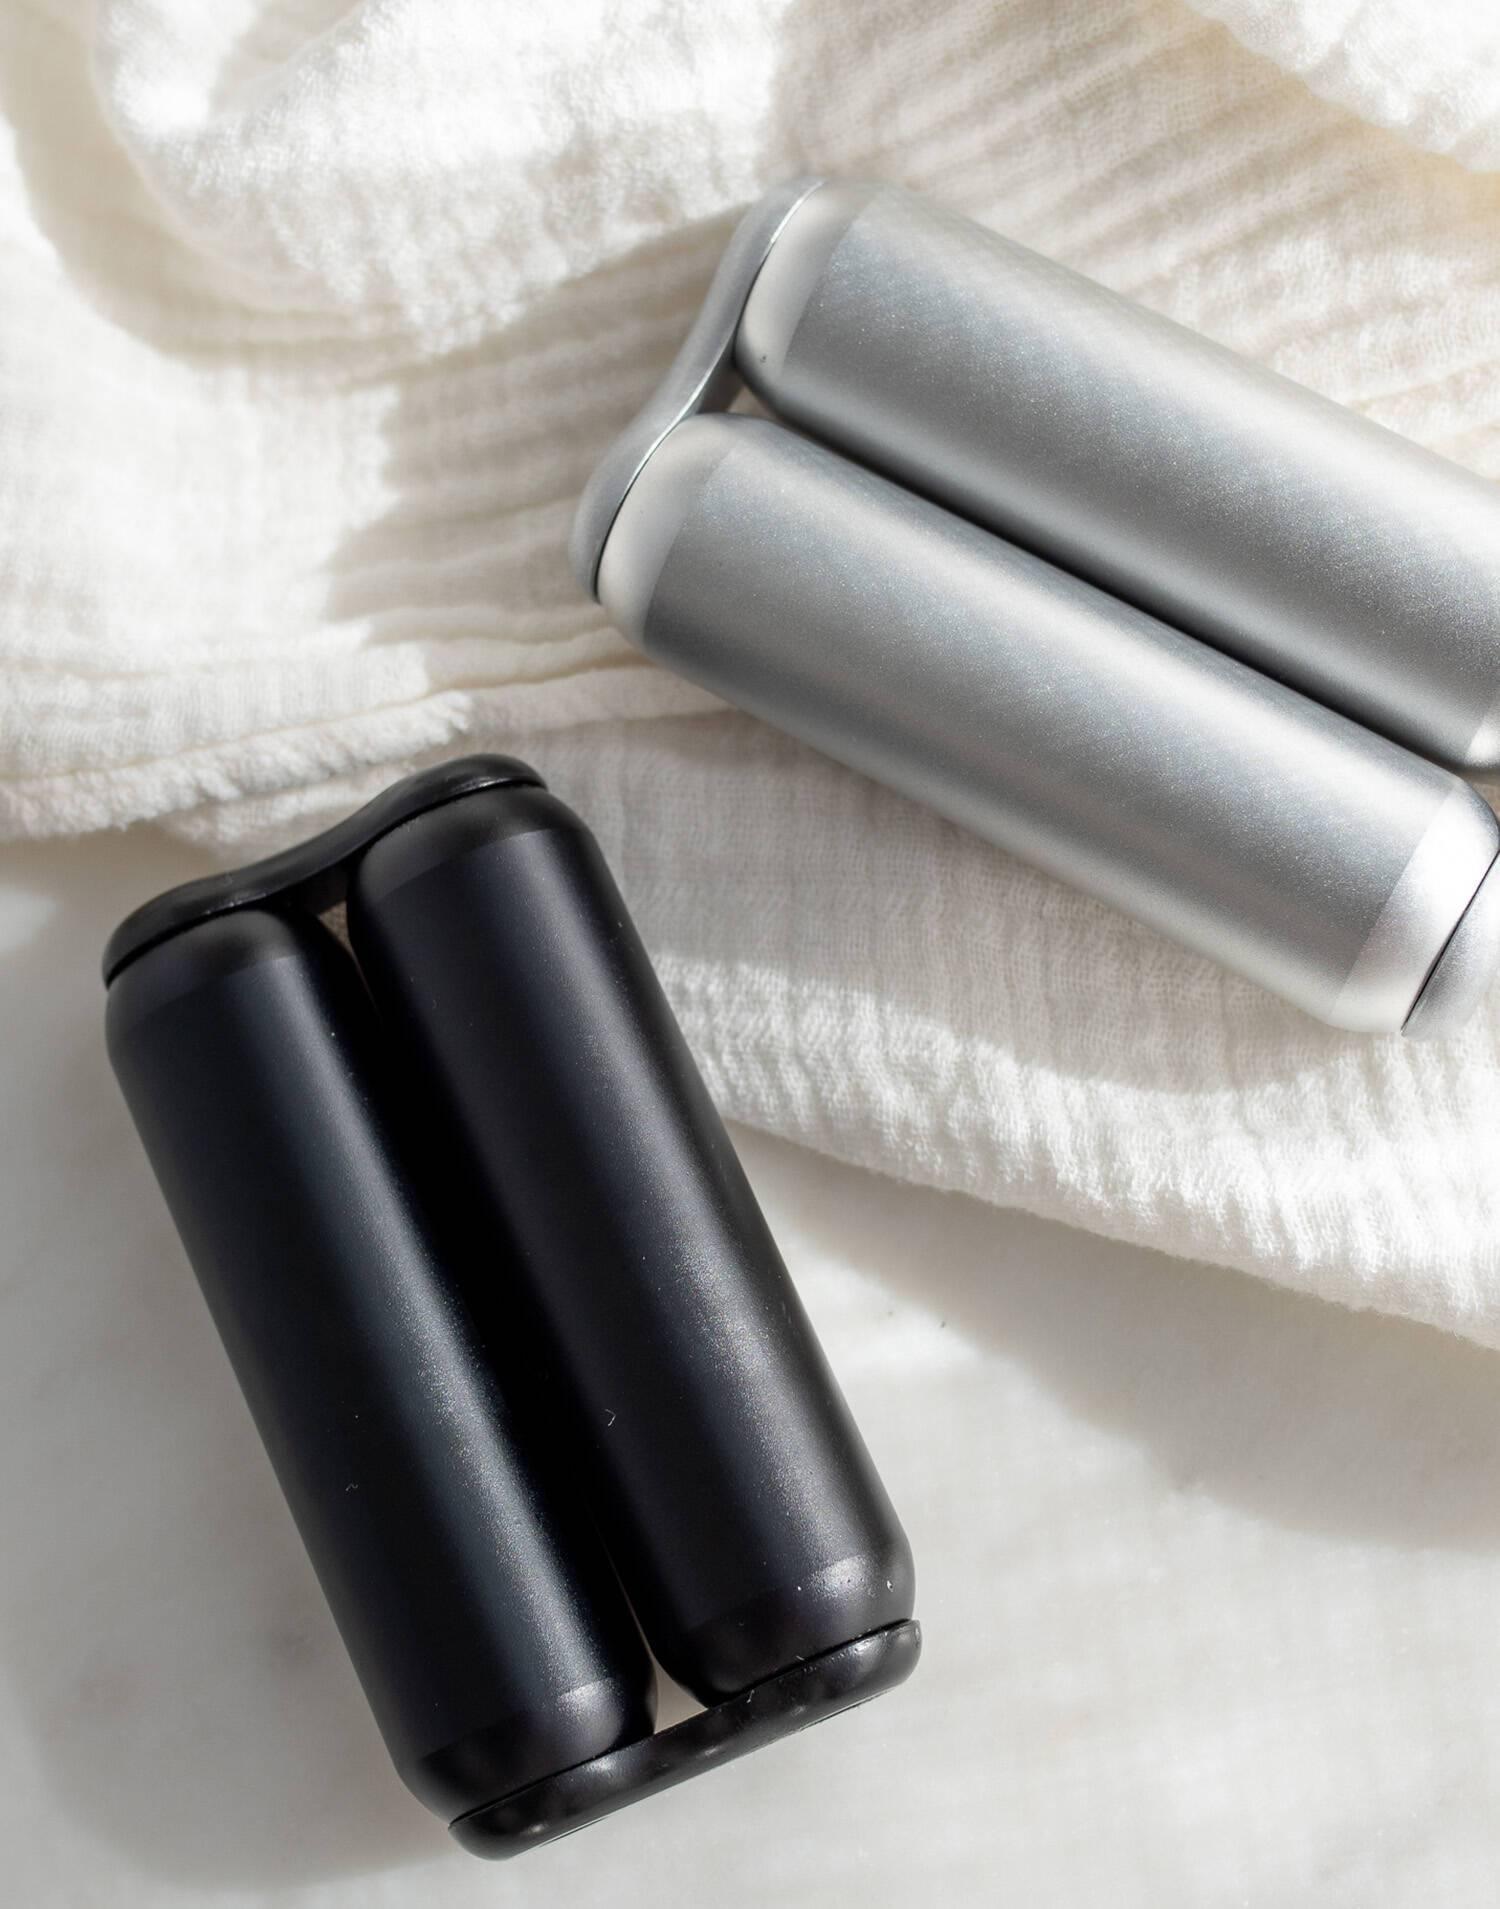 Roll-on aluminium